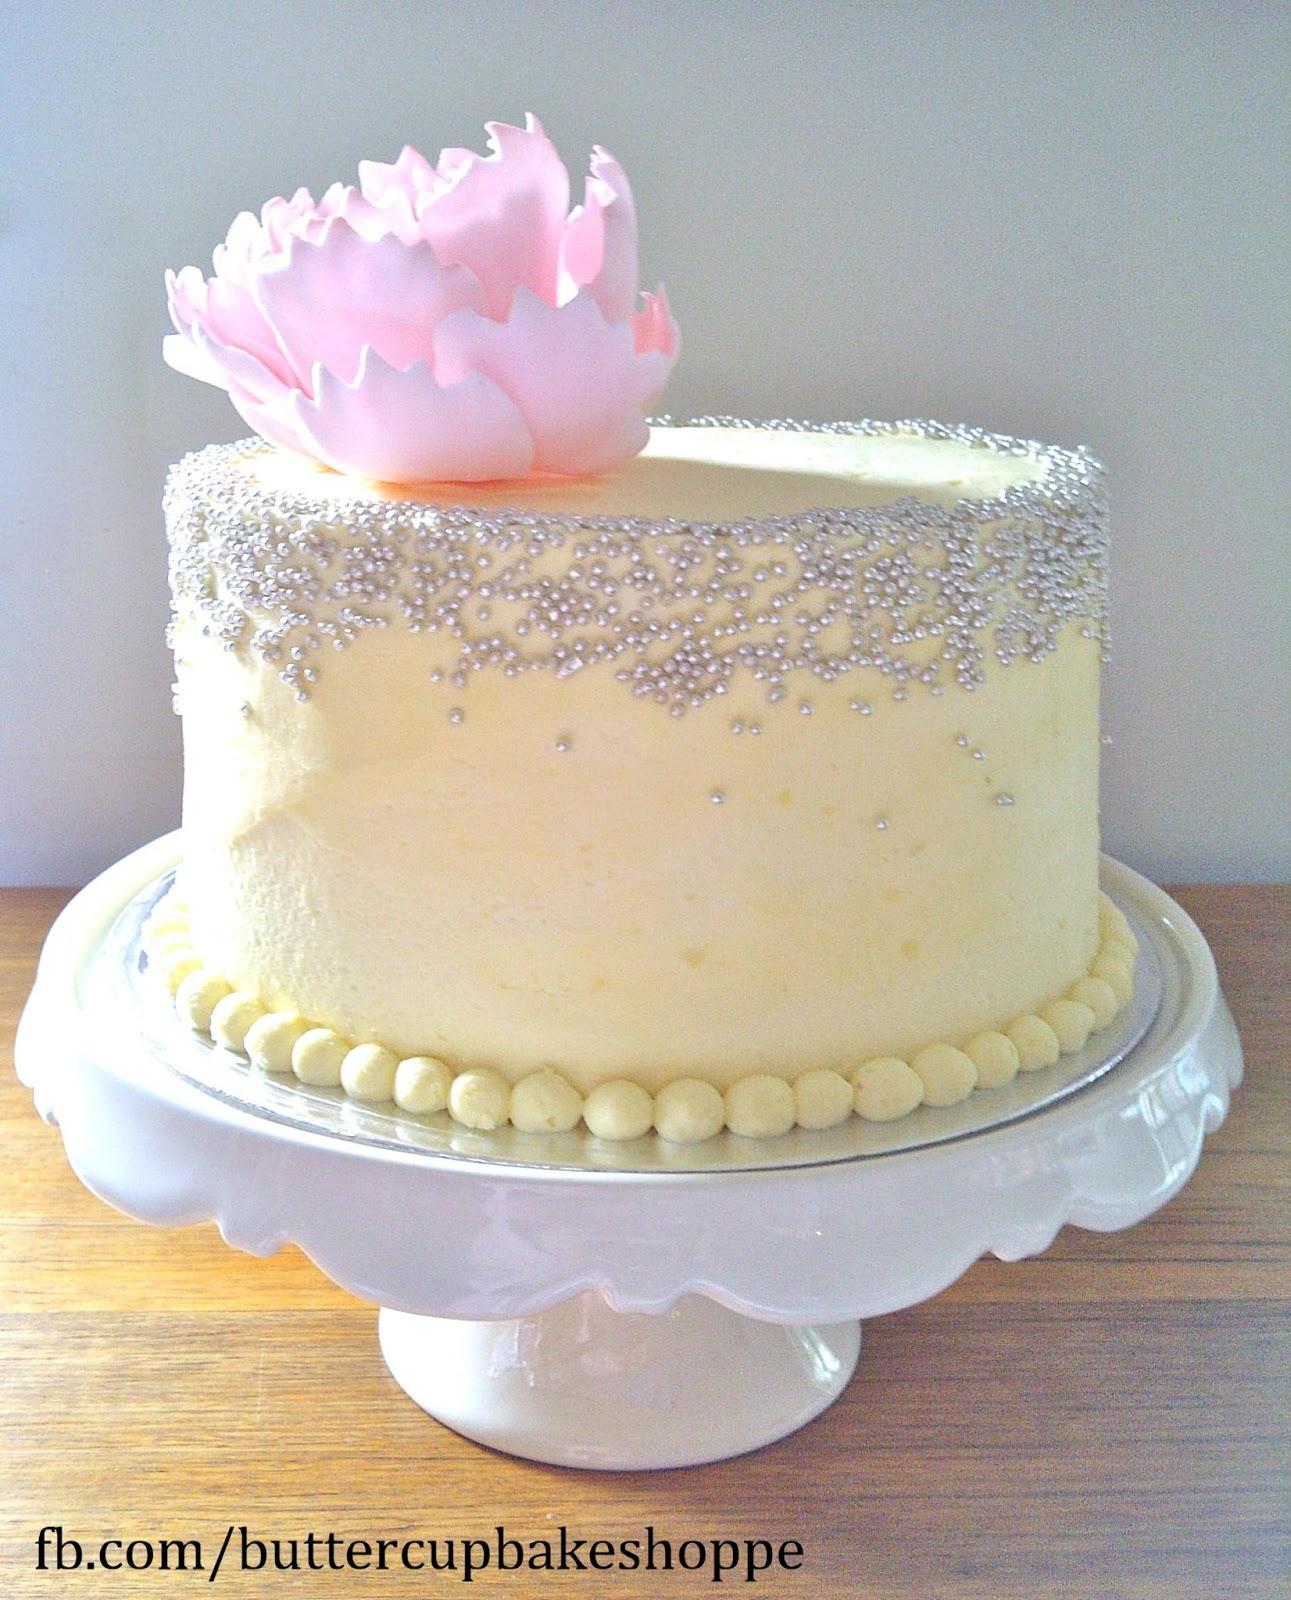 Best Butter Cake Recipe For Fondant